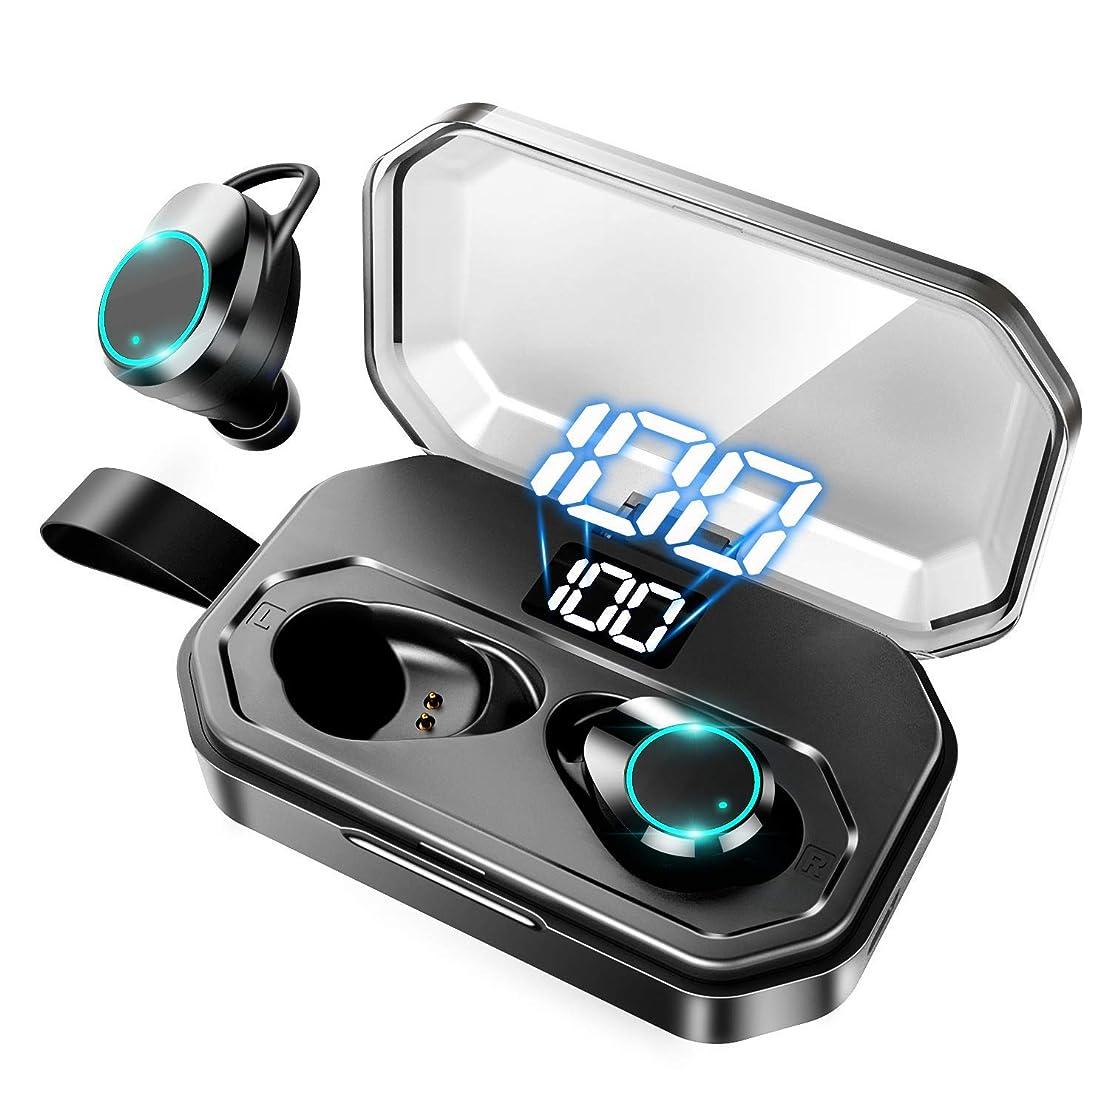 外向き基礎理論剣【最新版 LEDディスプレイ Bluetooth 5.0+EDR 】Bluetooth イヤホン 両耳 高音質 IPX7防水規格 ワイヤレス イヤホン 自動ペアリング ブルートゥース イヤホン マイク付き 軽量 Siri対応 Bluetooth 5.0 ヘッドホン ハンズフリー通話 CVC8.0ノイズキャンセリング